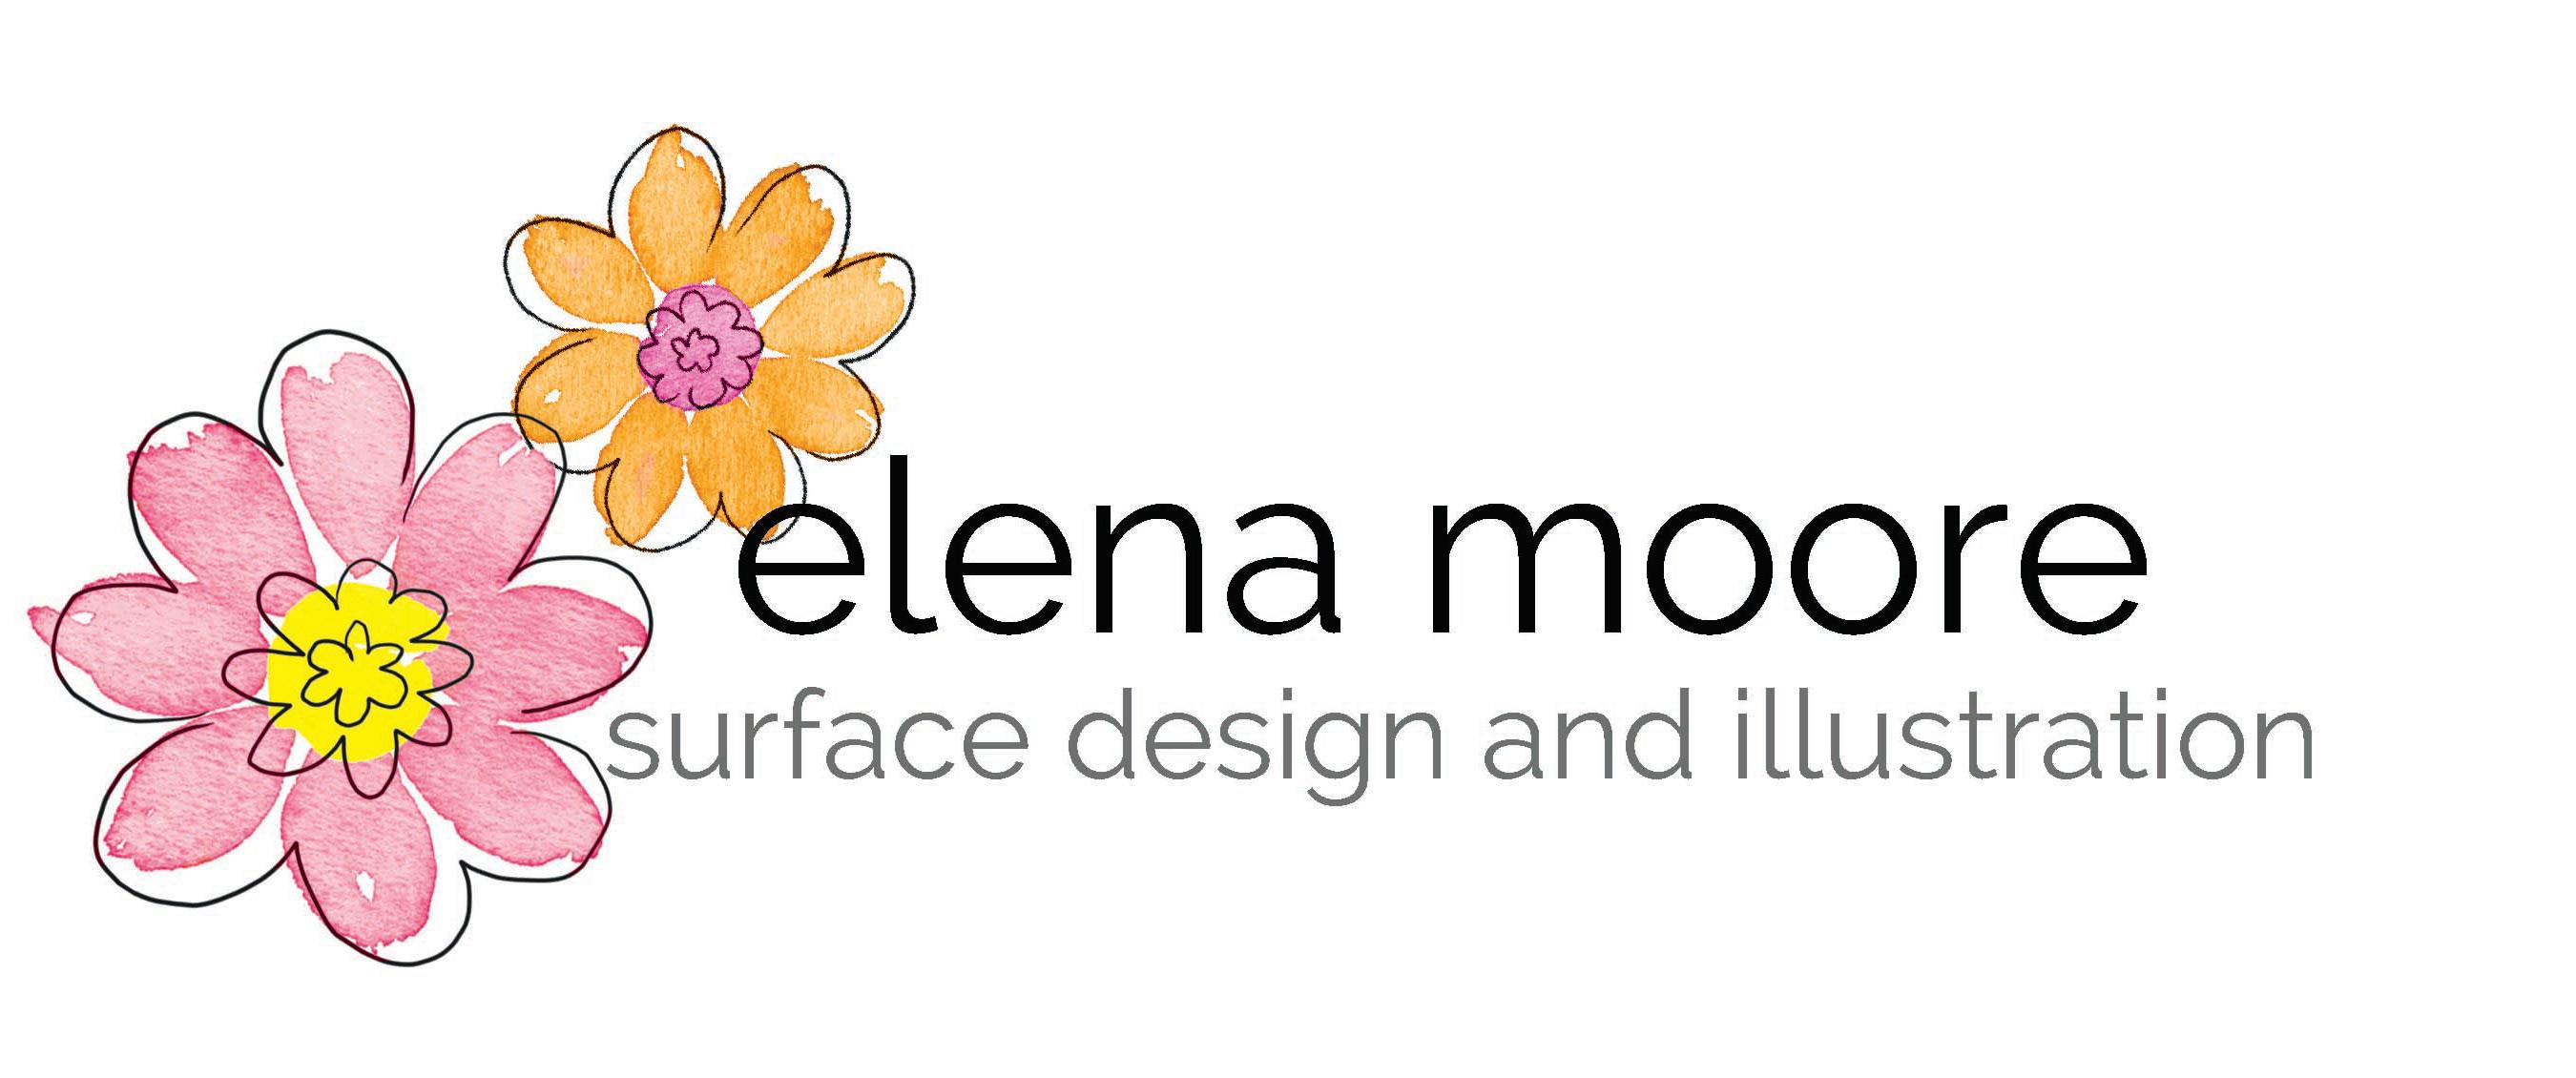 Elena Moore